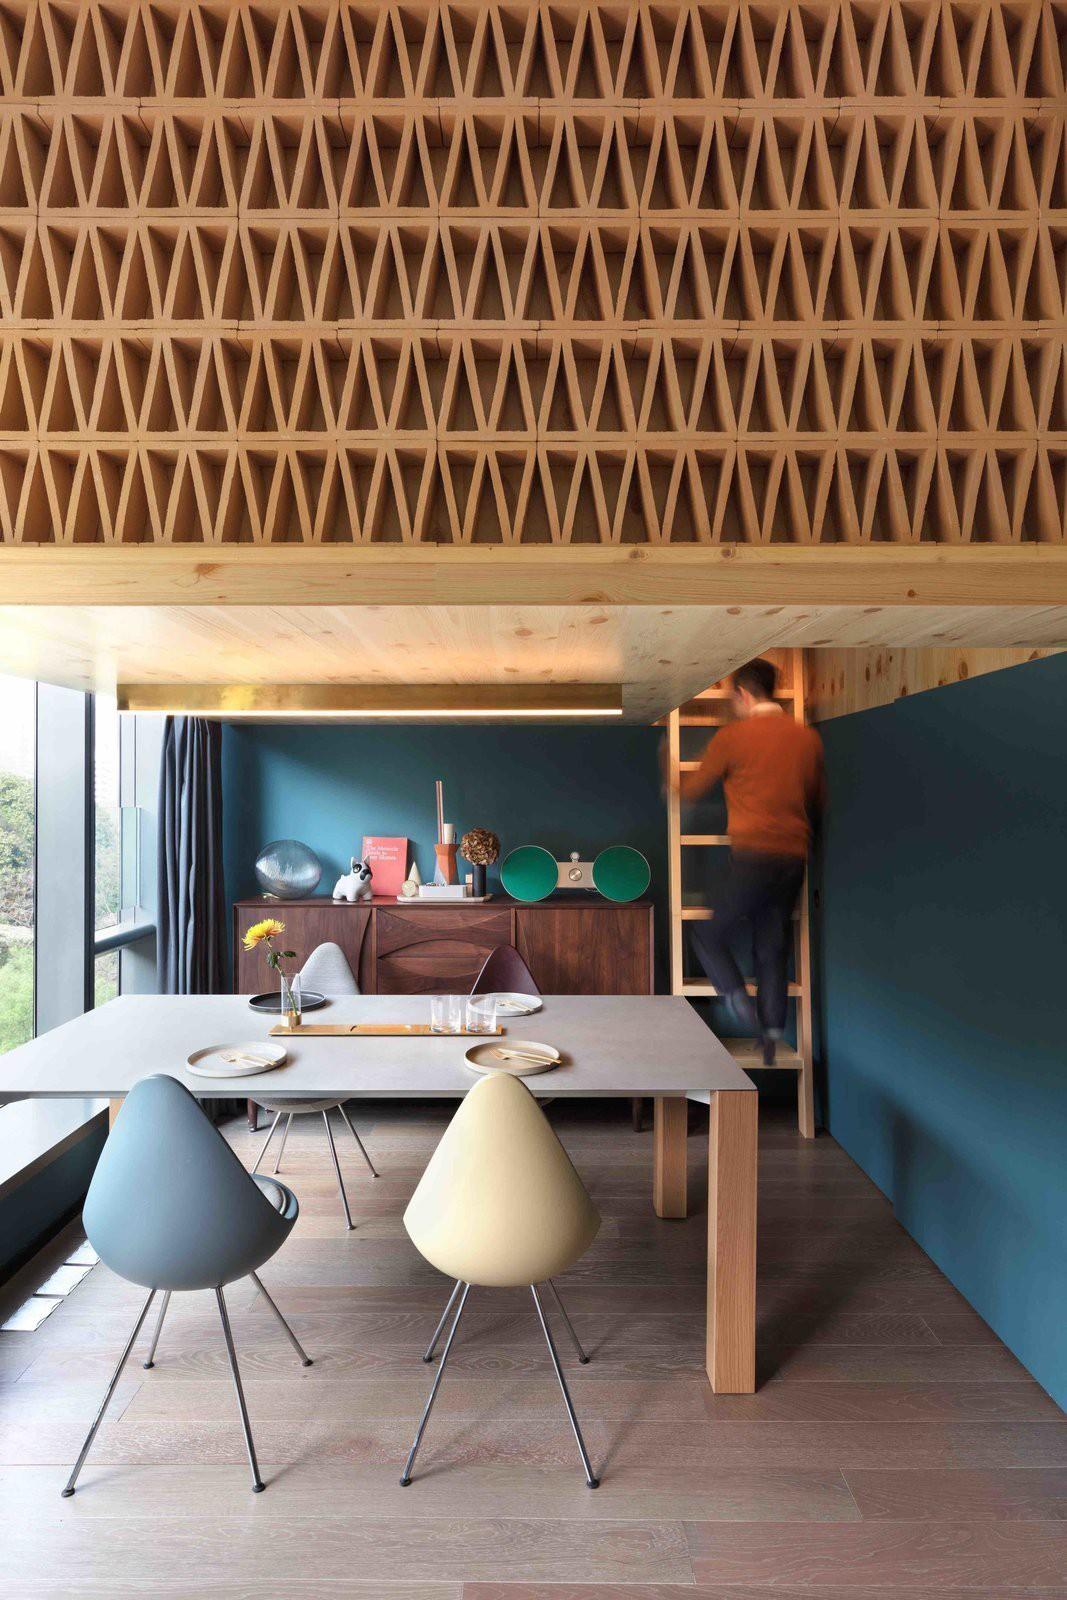 Chiêm ngưỡng căn hộ nhỏ này, bạn sẽ thấy nhà nhỏ nhưng có trần cao thì mọi việc đều được giải quyết đơn giản - Ảnh 2.